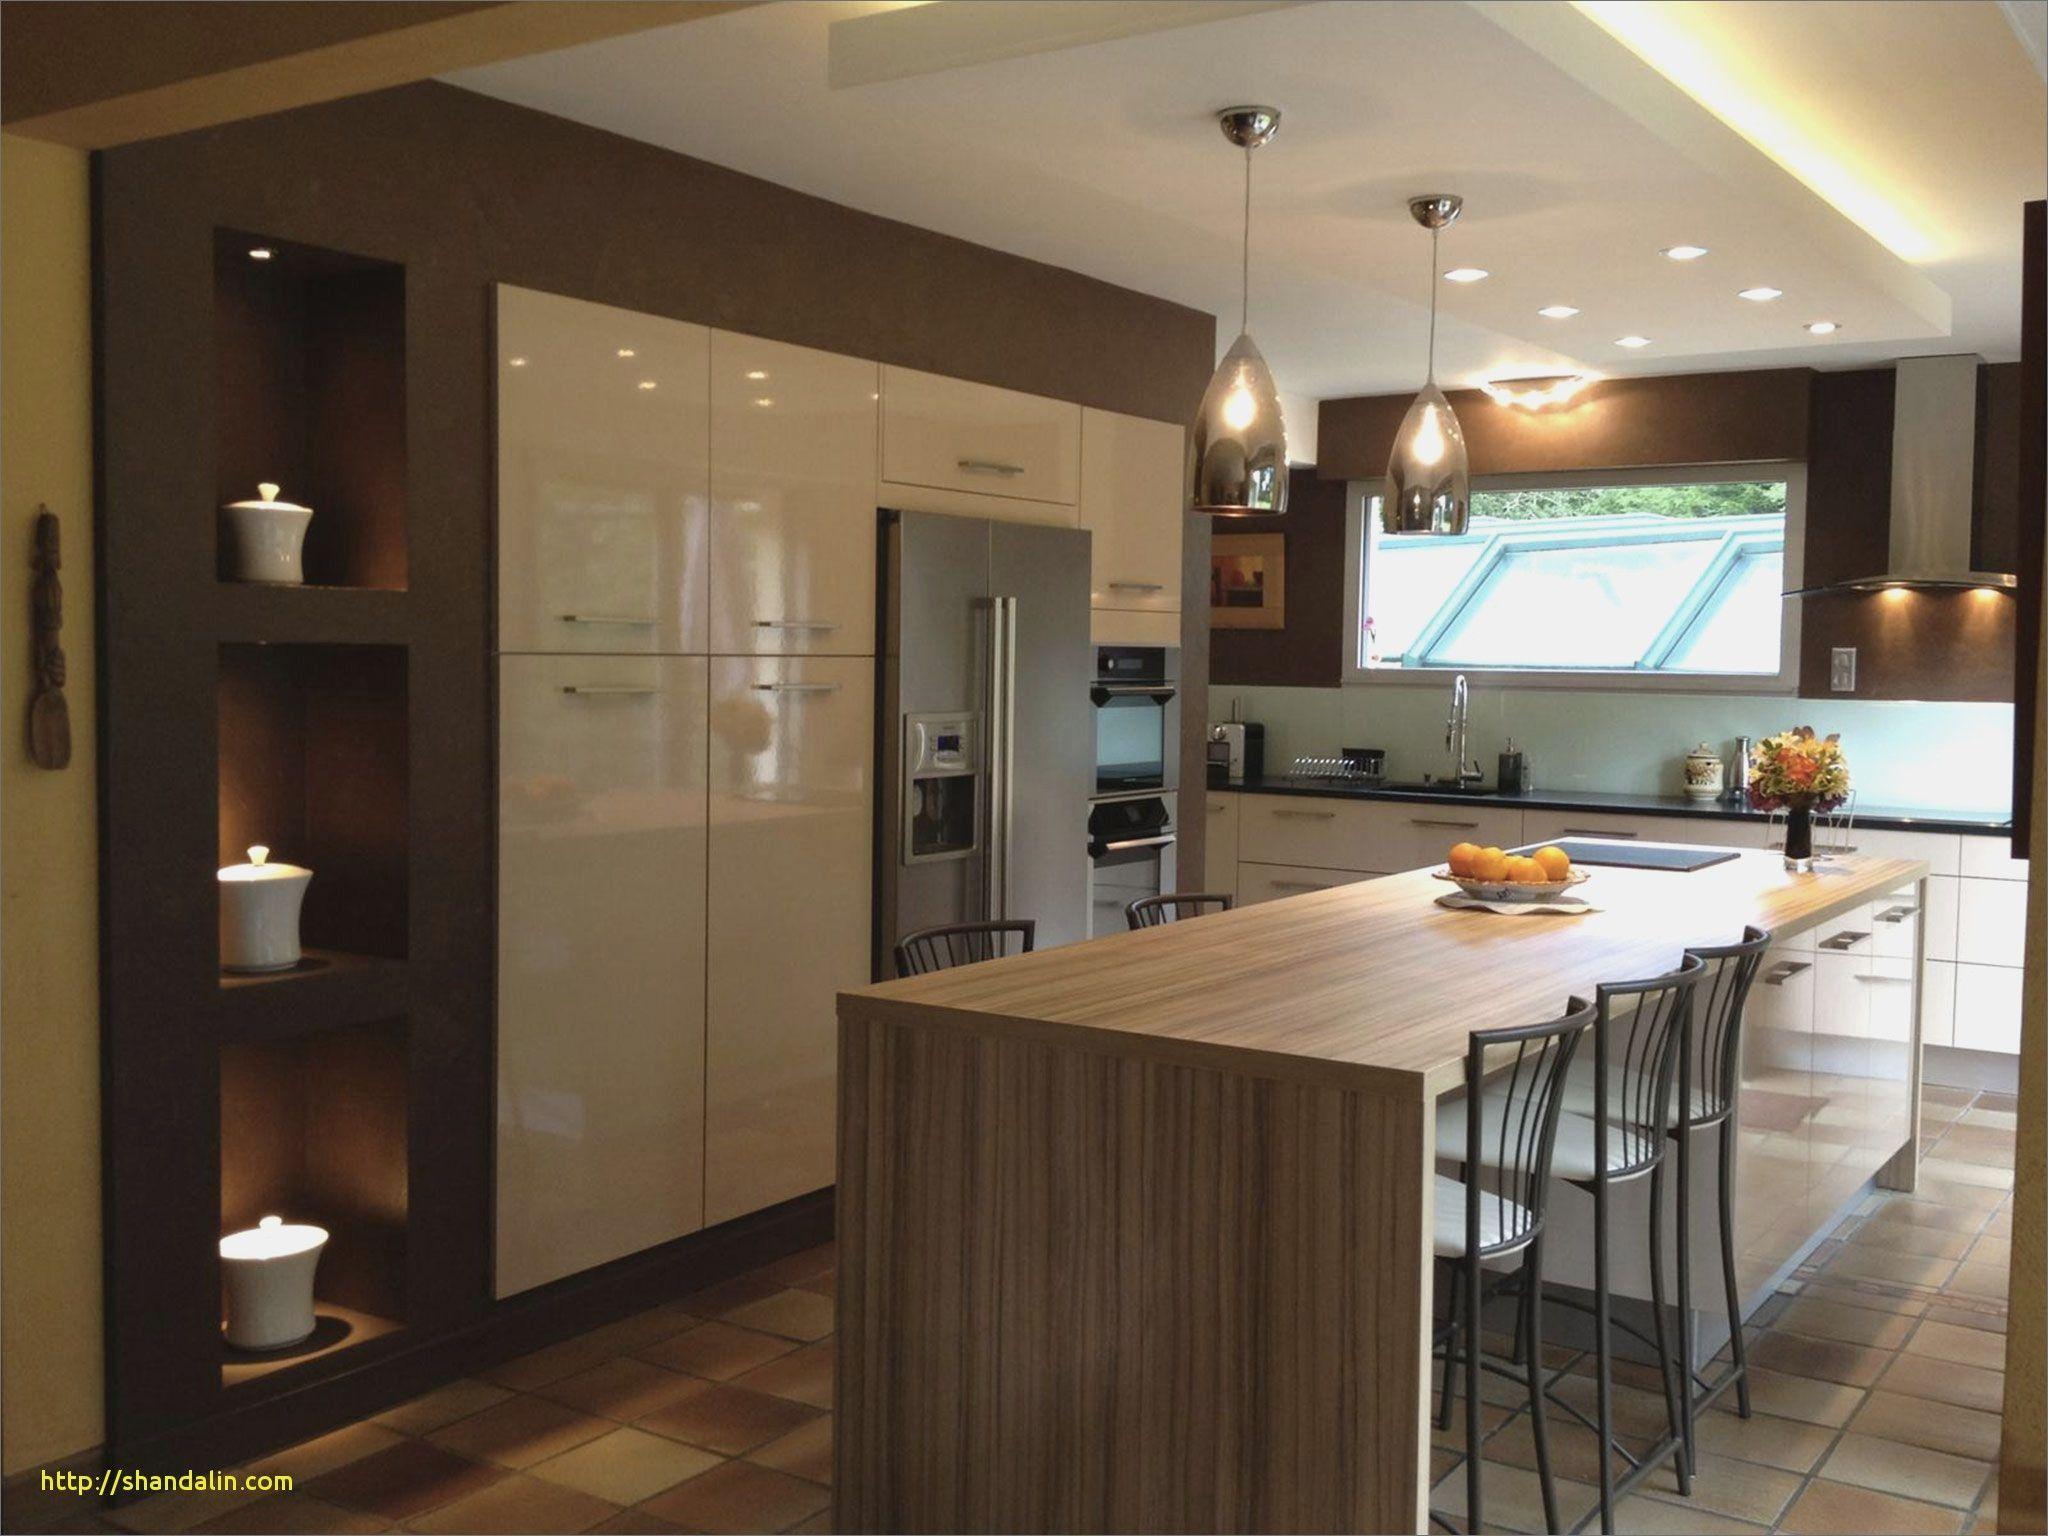 Inspirational cuisine en longueur avec ilot central id es de maison en 2019 central kitchen - Idee cuisine en longueur ...